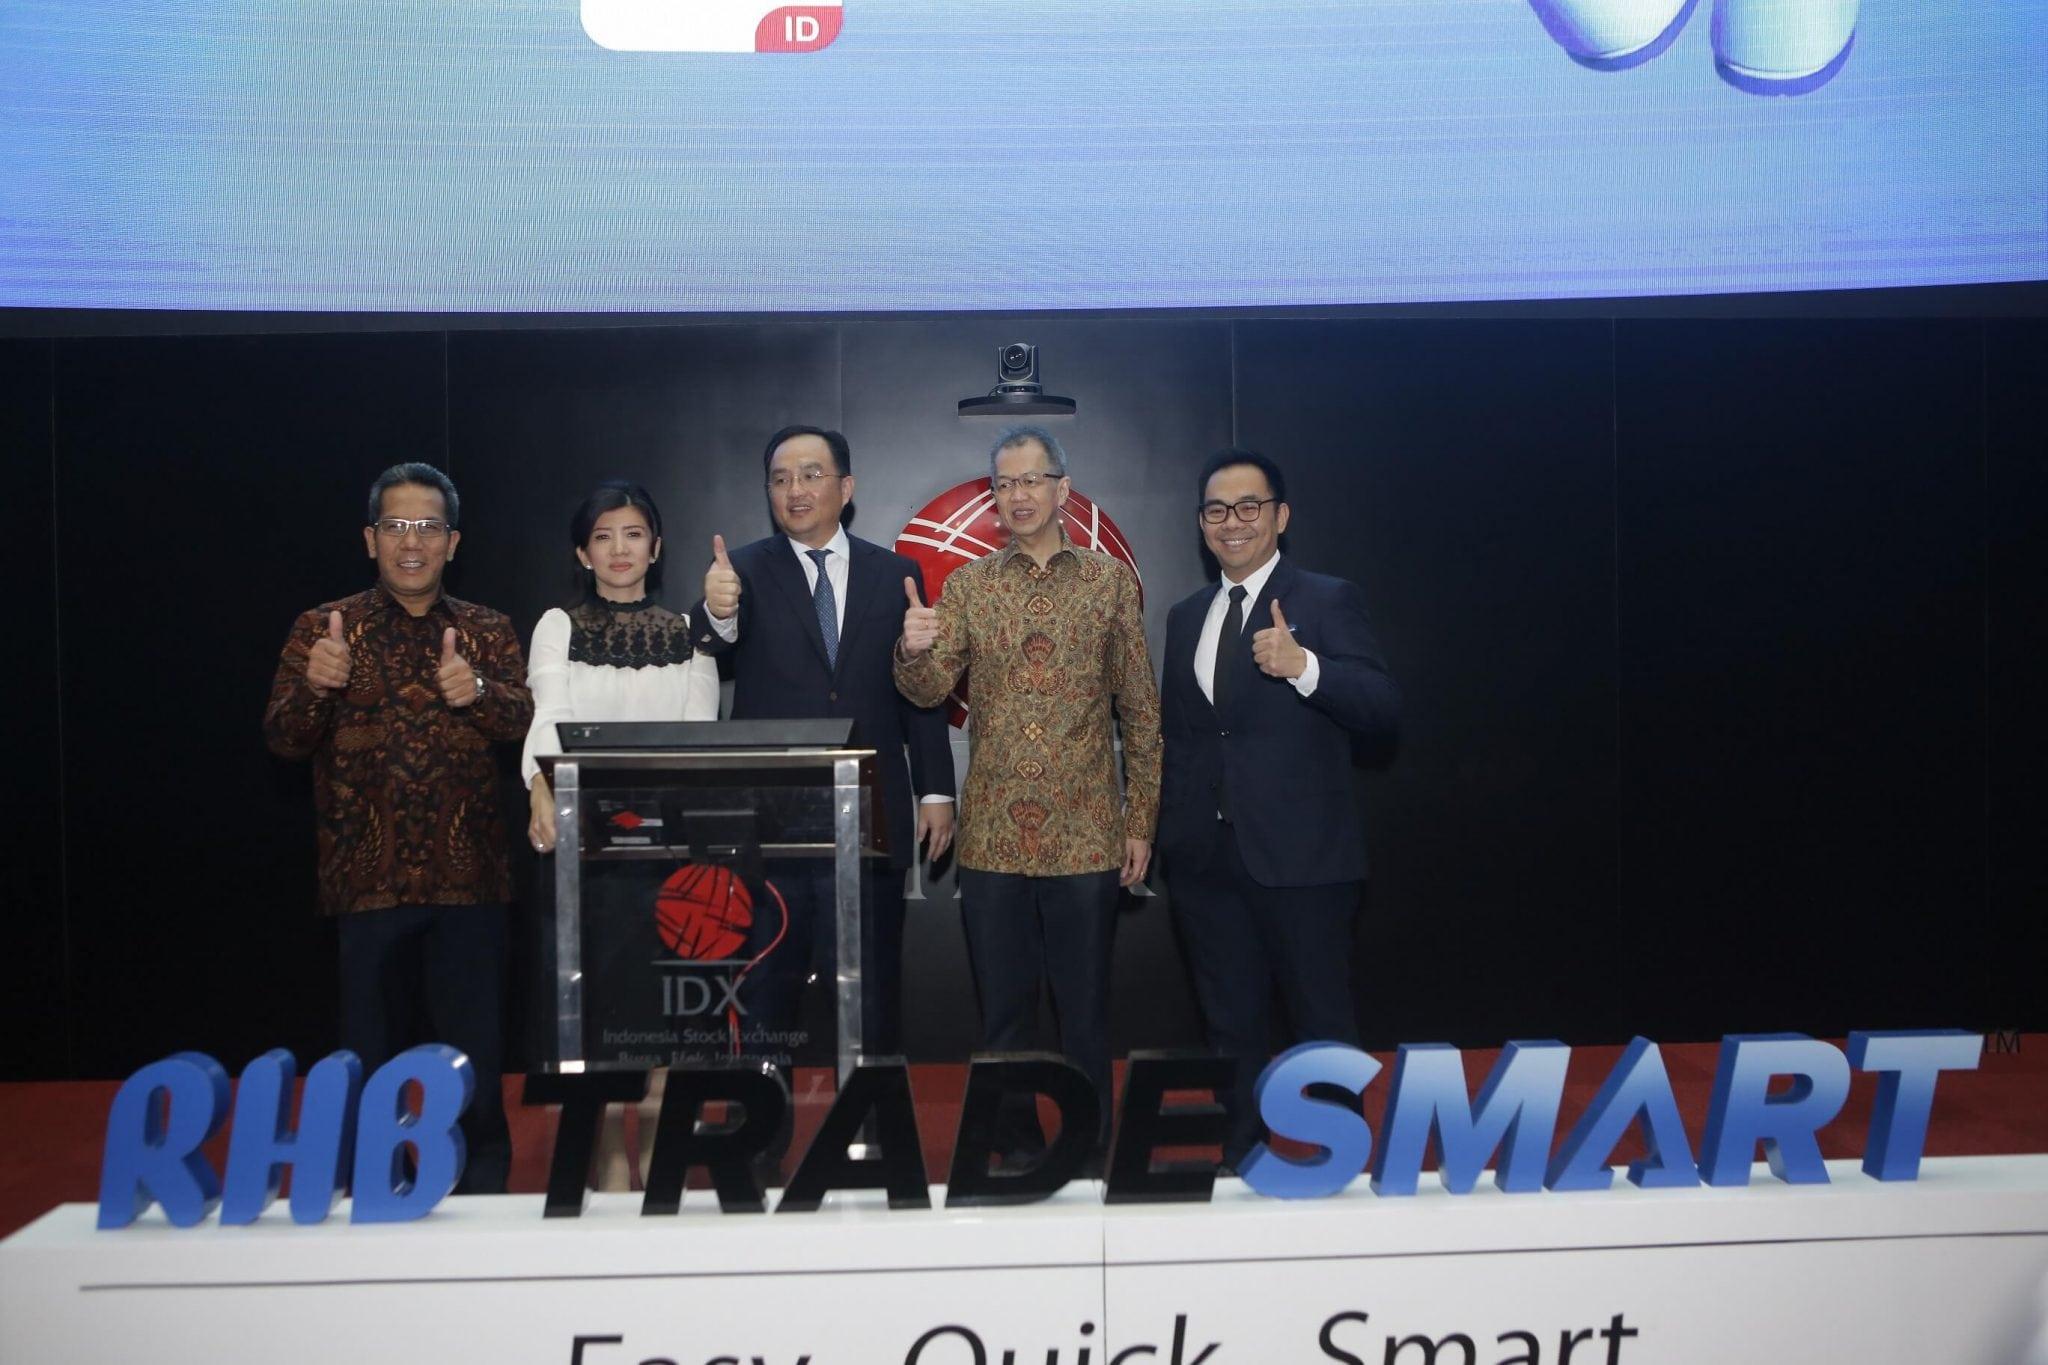 Peluncuran RHB TradeSmart with ARO